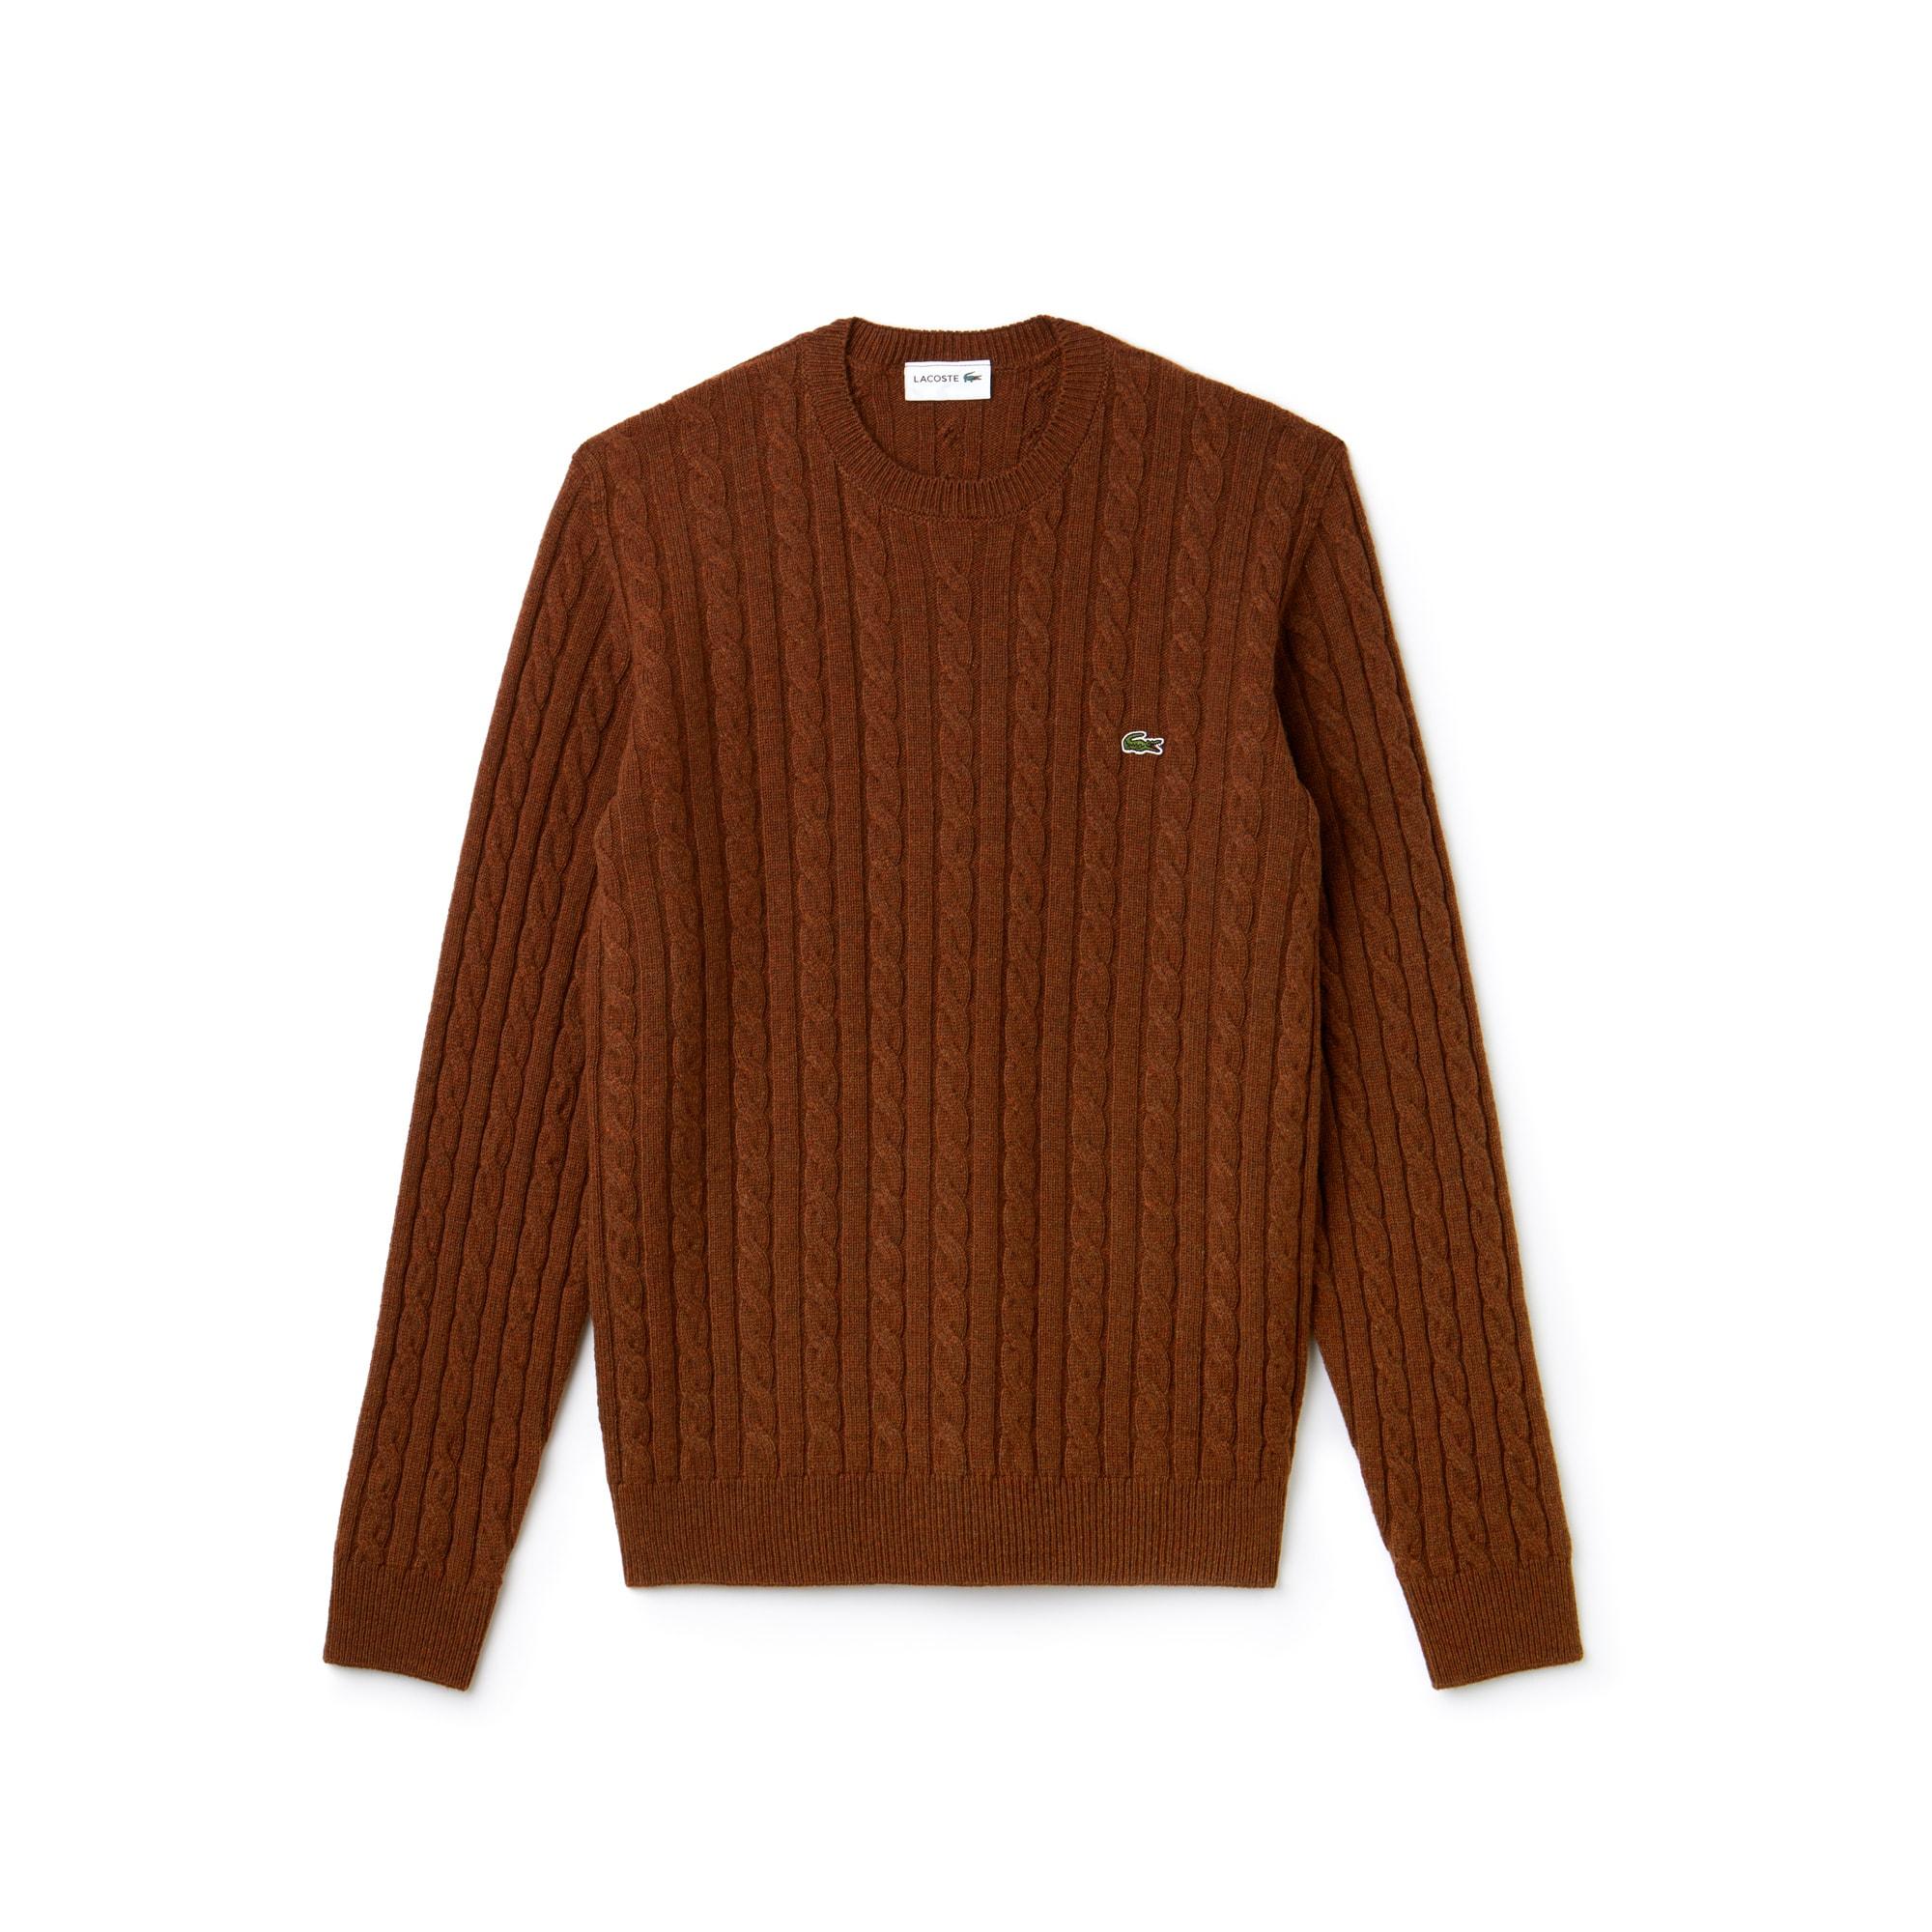 라코스테 케이블 니트 크루넥 스웨터 다크브라운 (서강준 착용) Lacoste Mens Crew Neck Wool Cable Knit Effect Sweater,dark renaissance brown AH7069-51